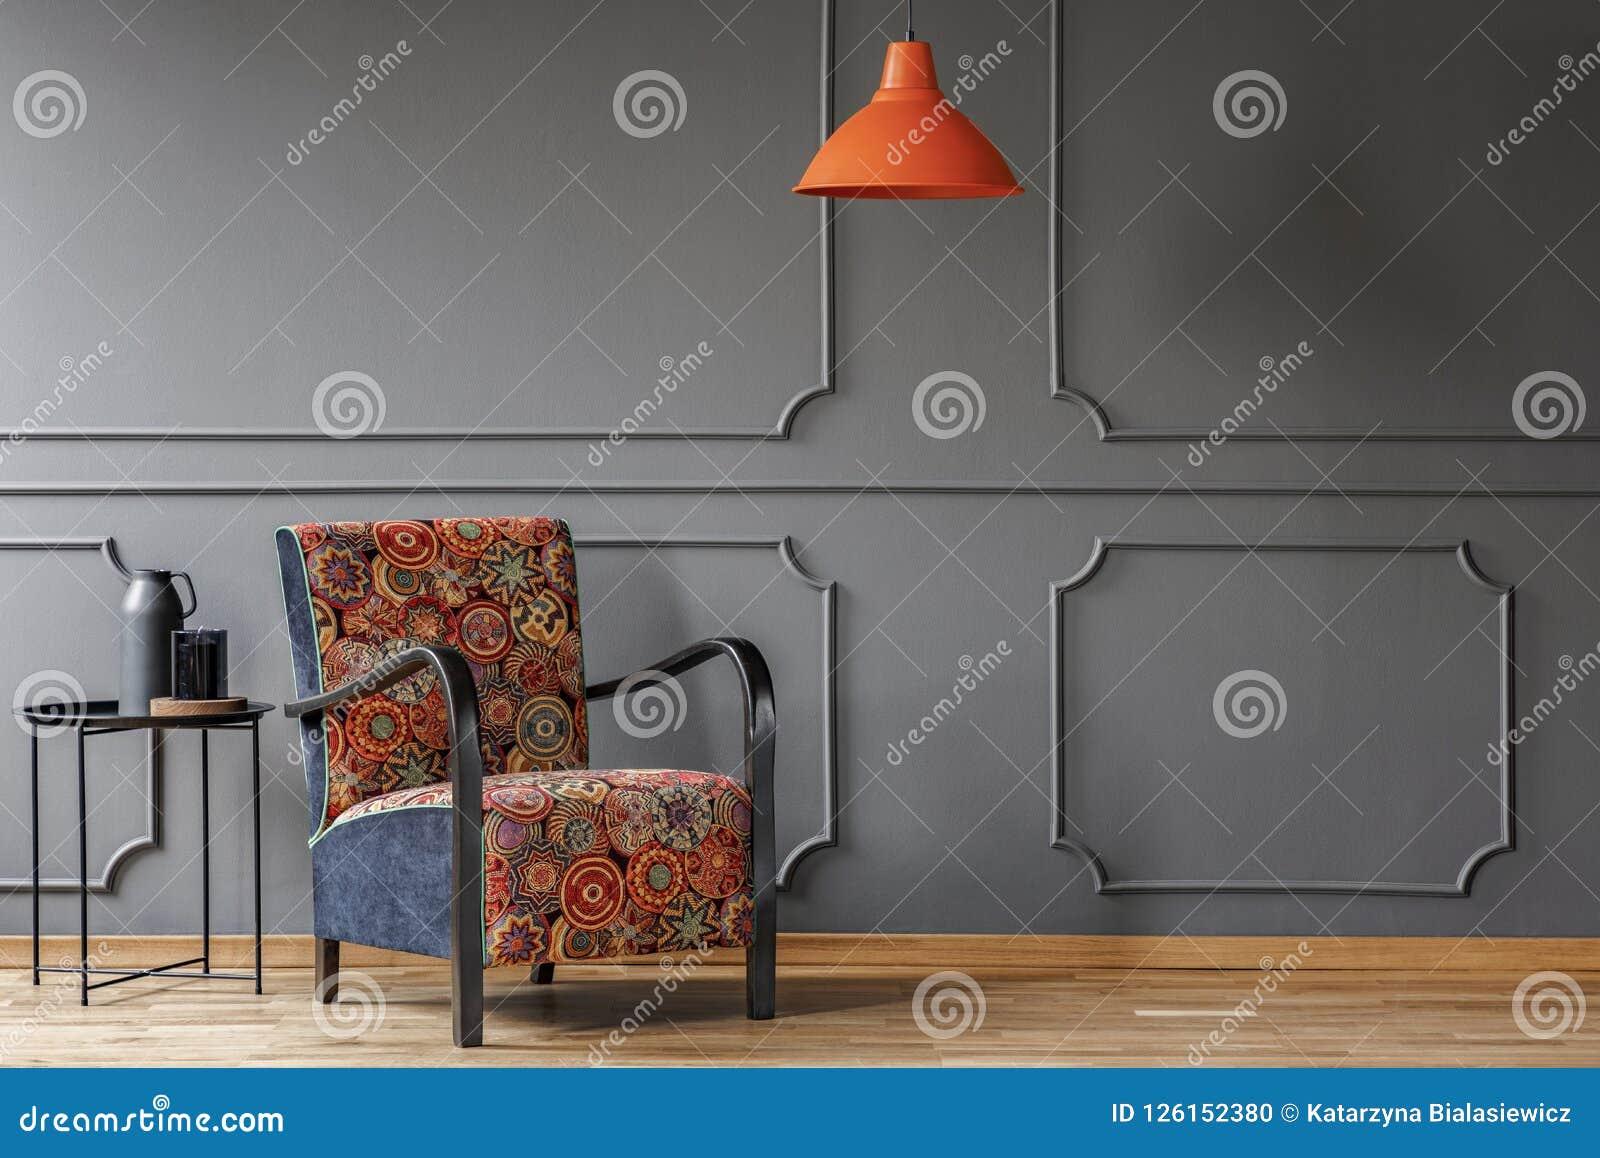 Промышленная бортовая таблица и кресло boho в элегантном, сером интерьере живущей комнаты с прессформой и место для таблицы coffe